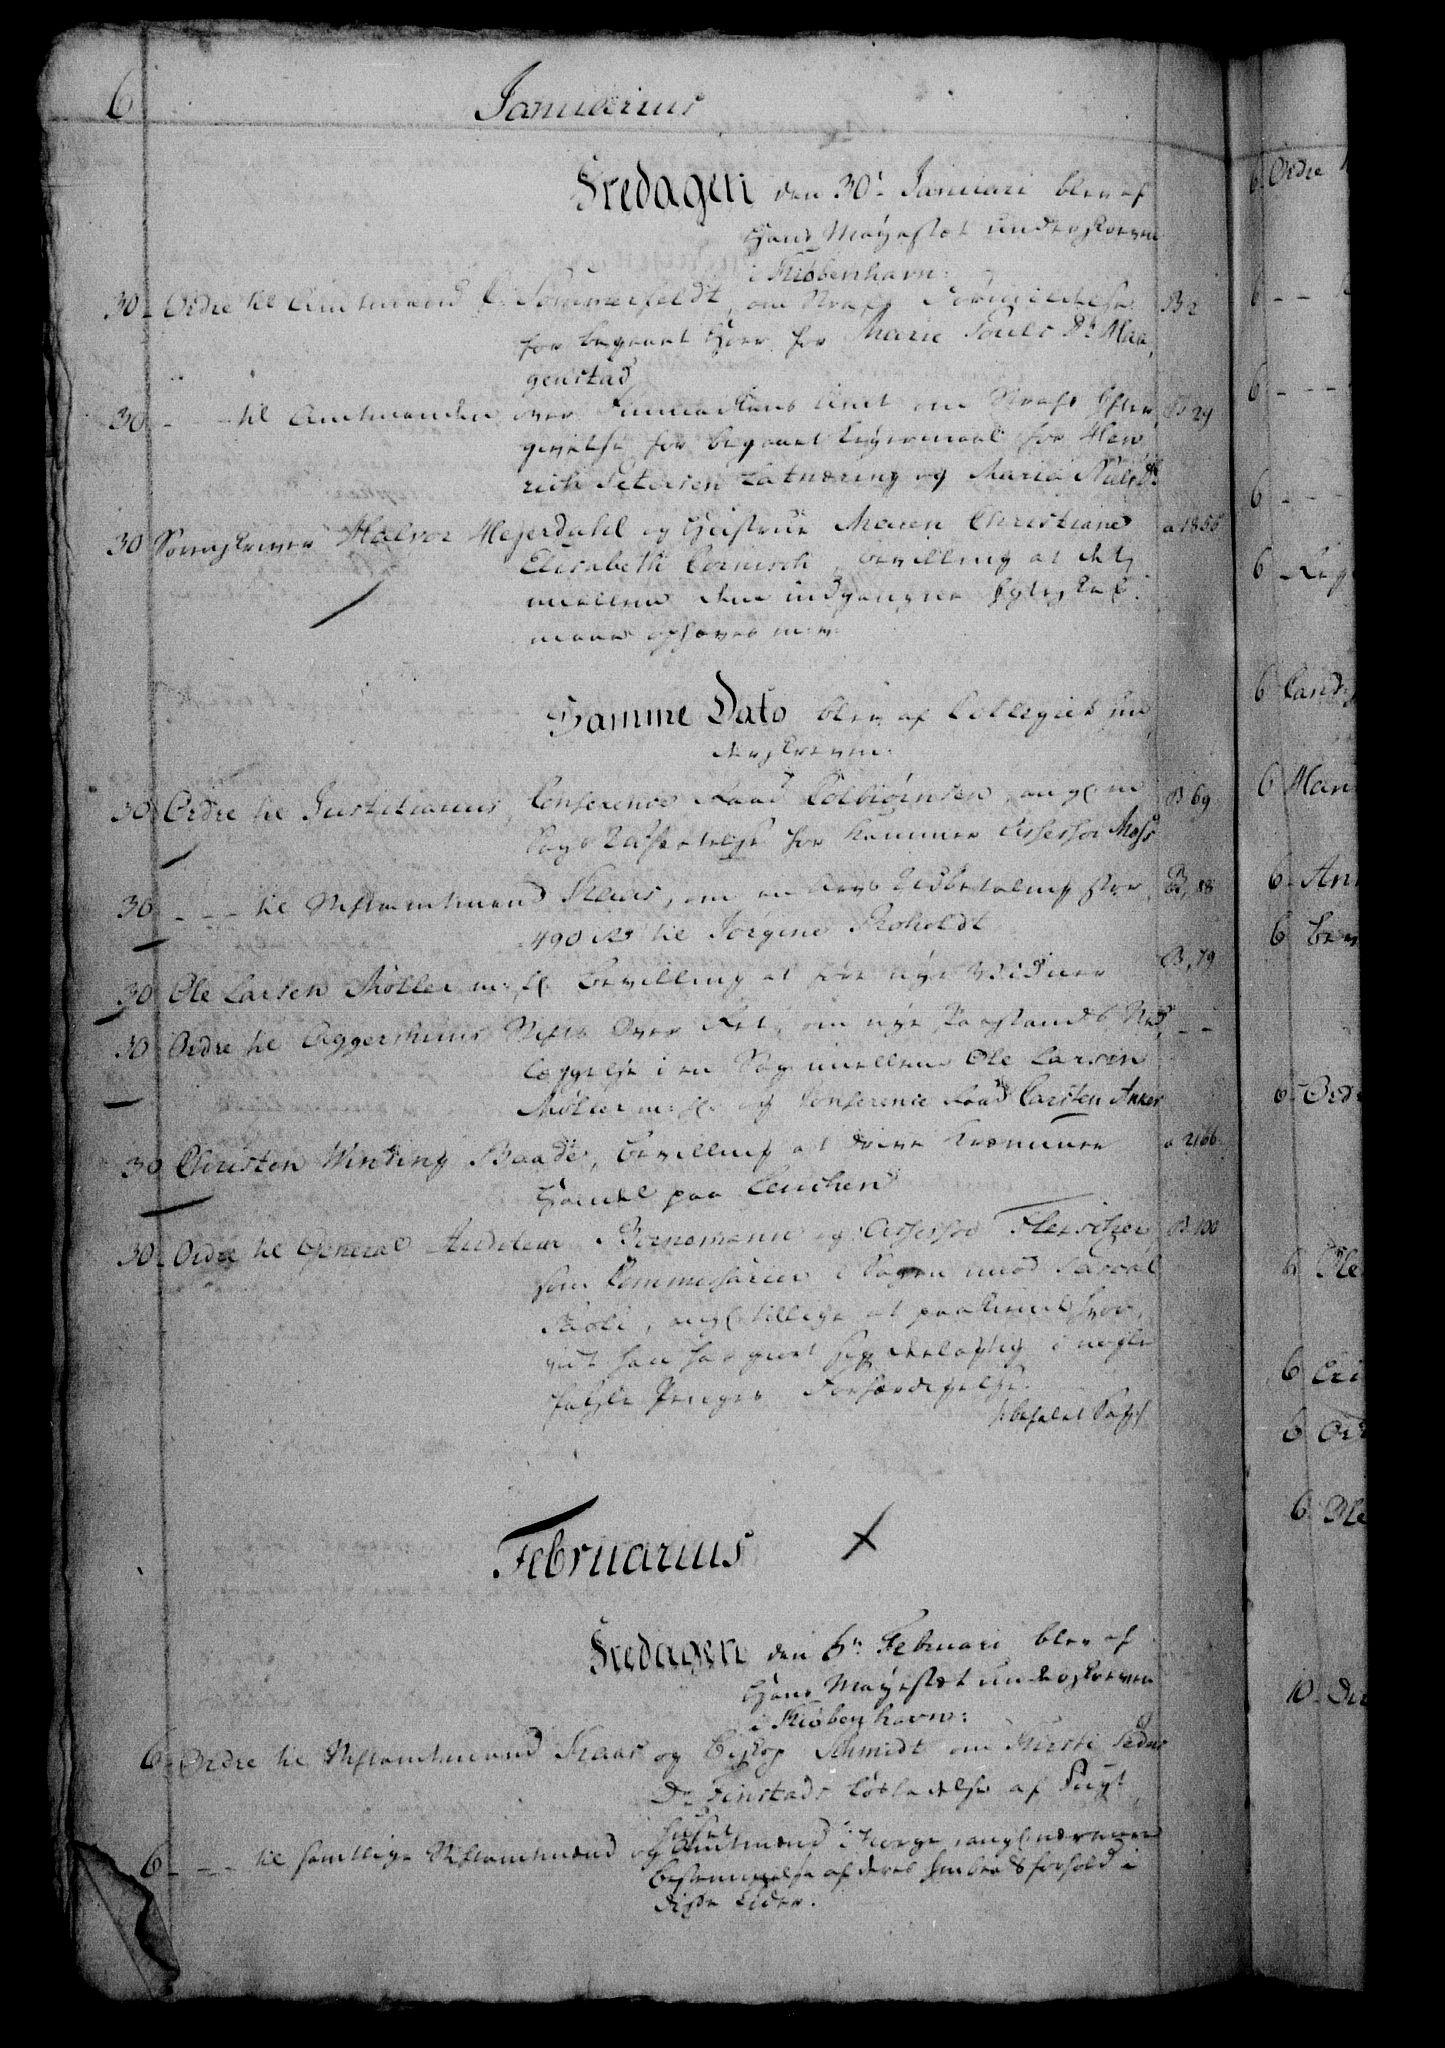 RA, Danske Kanselli 1800-1814, H/Hf/Hfb/Hfbc/L0002: Underskrivelsesbok m. register, 1801, s. 6